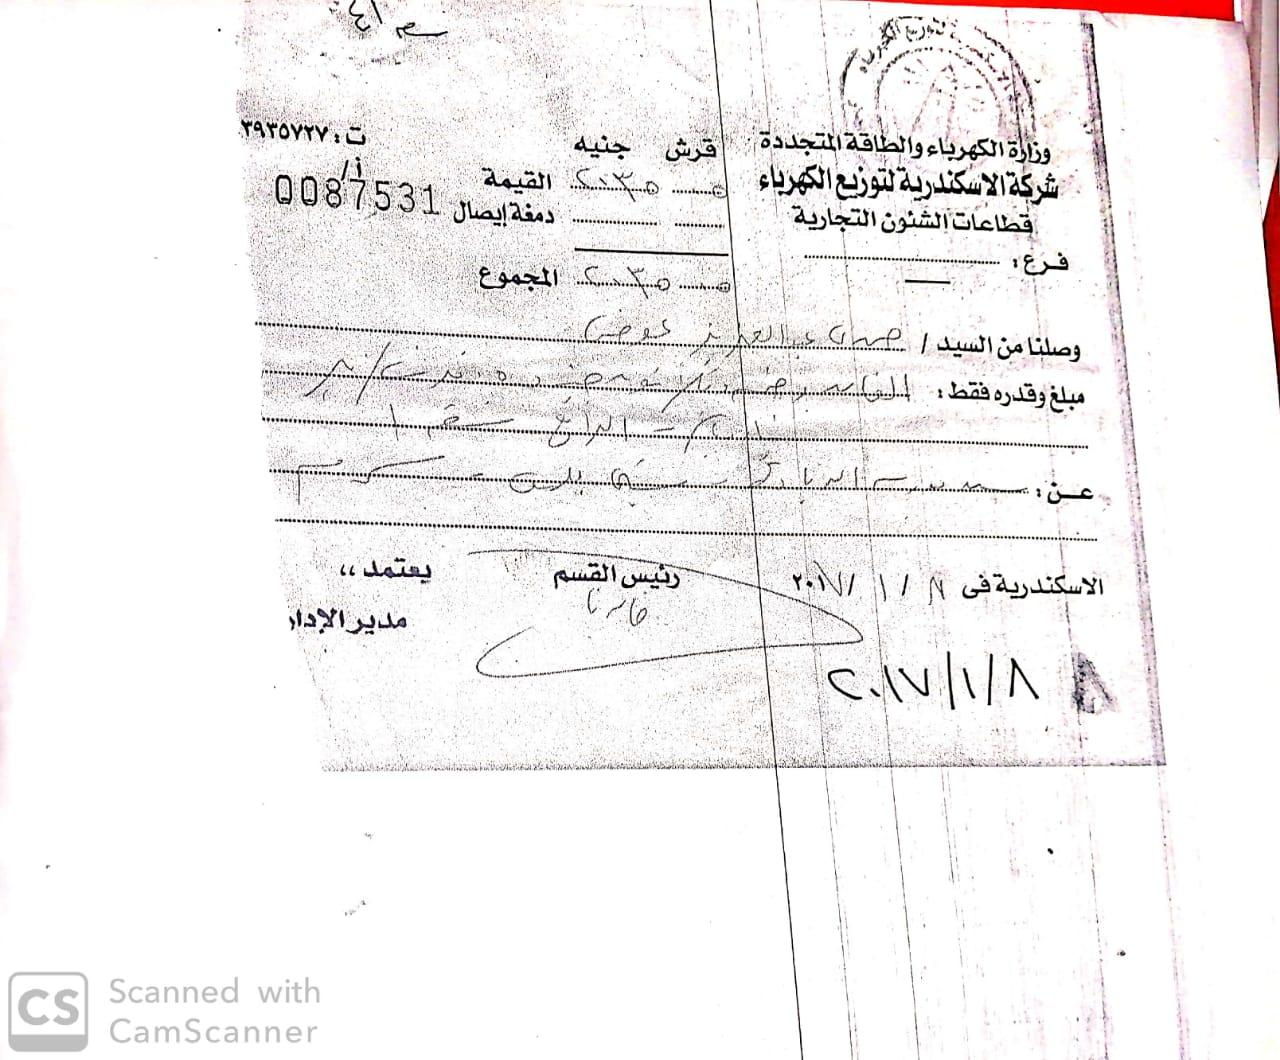 أزمة مشروع سيتي بالاس بالإسكندرية (127)